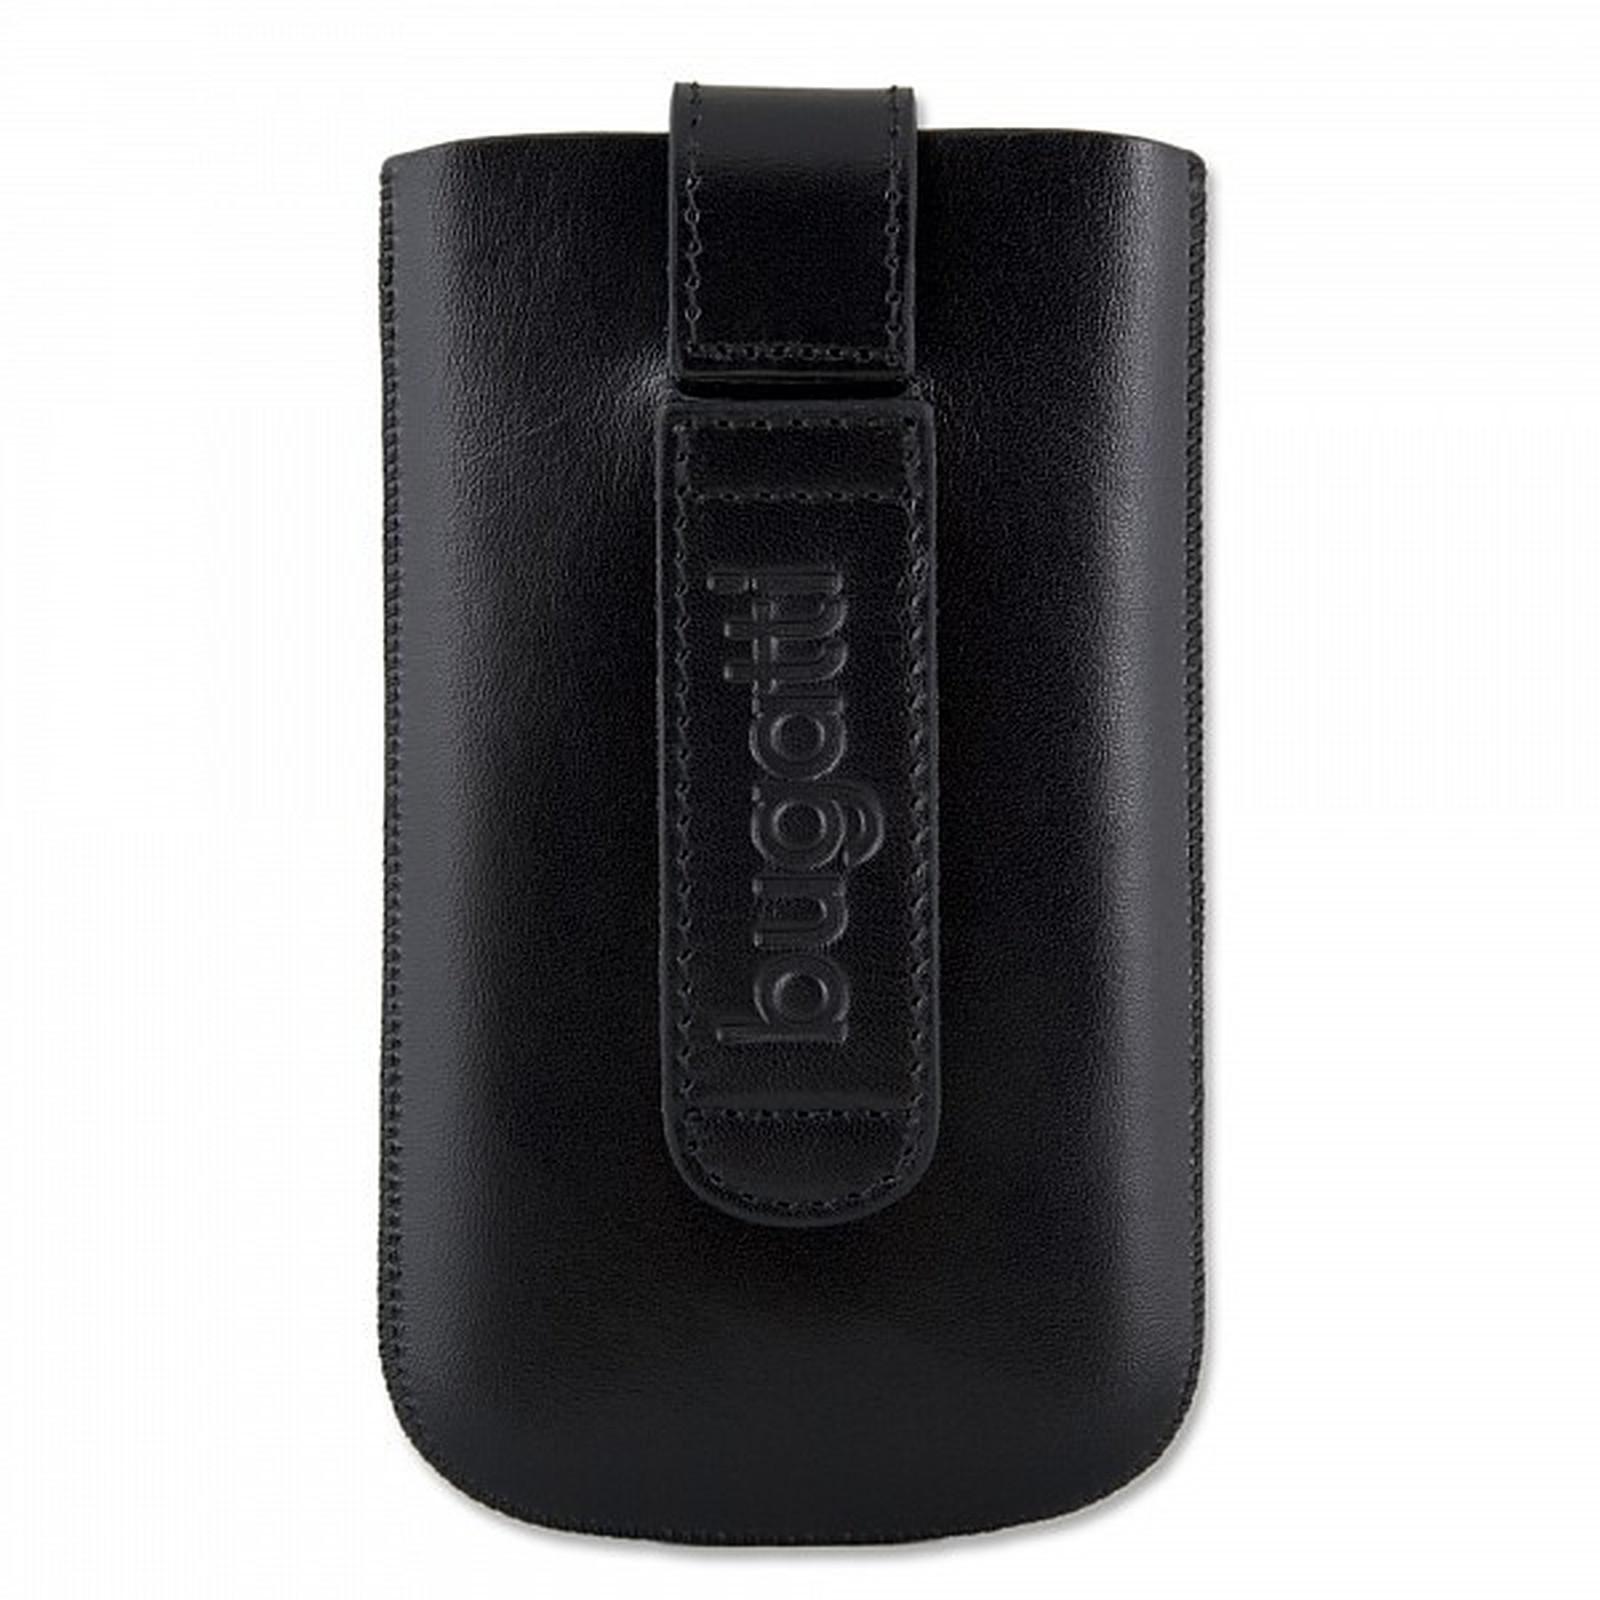 Bugatti SlimCase M noir - Etui en cuir universel (pour téléphones portables)